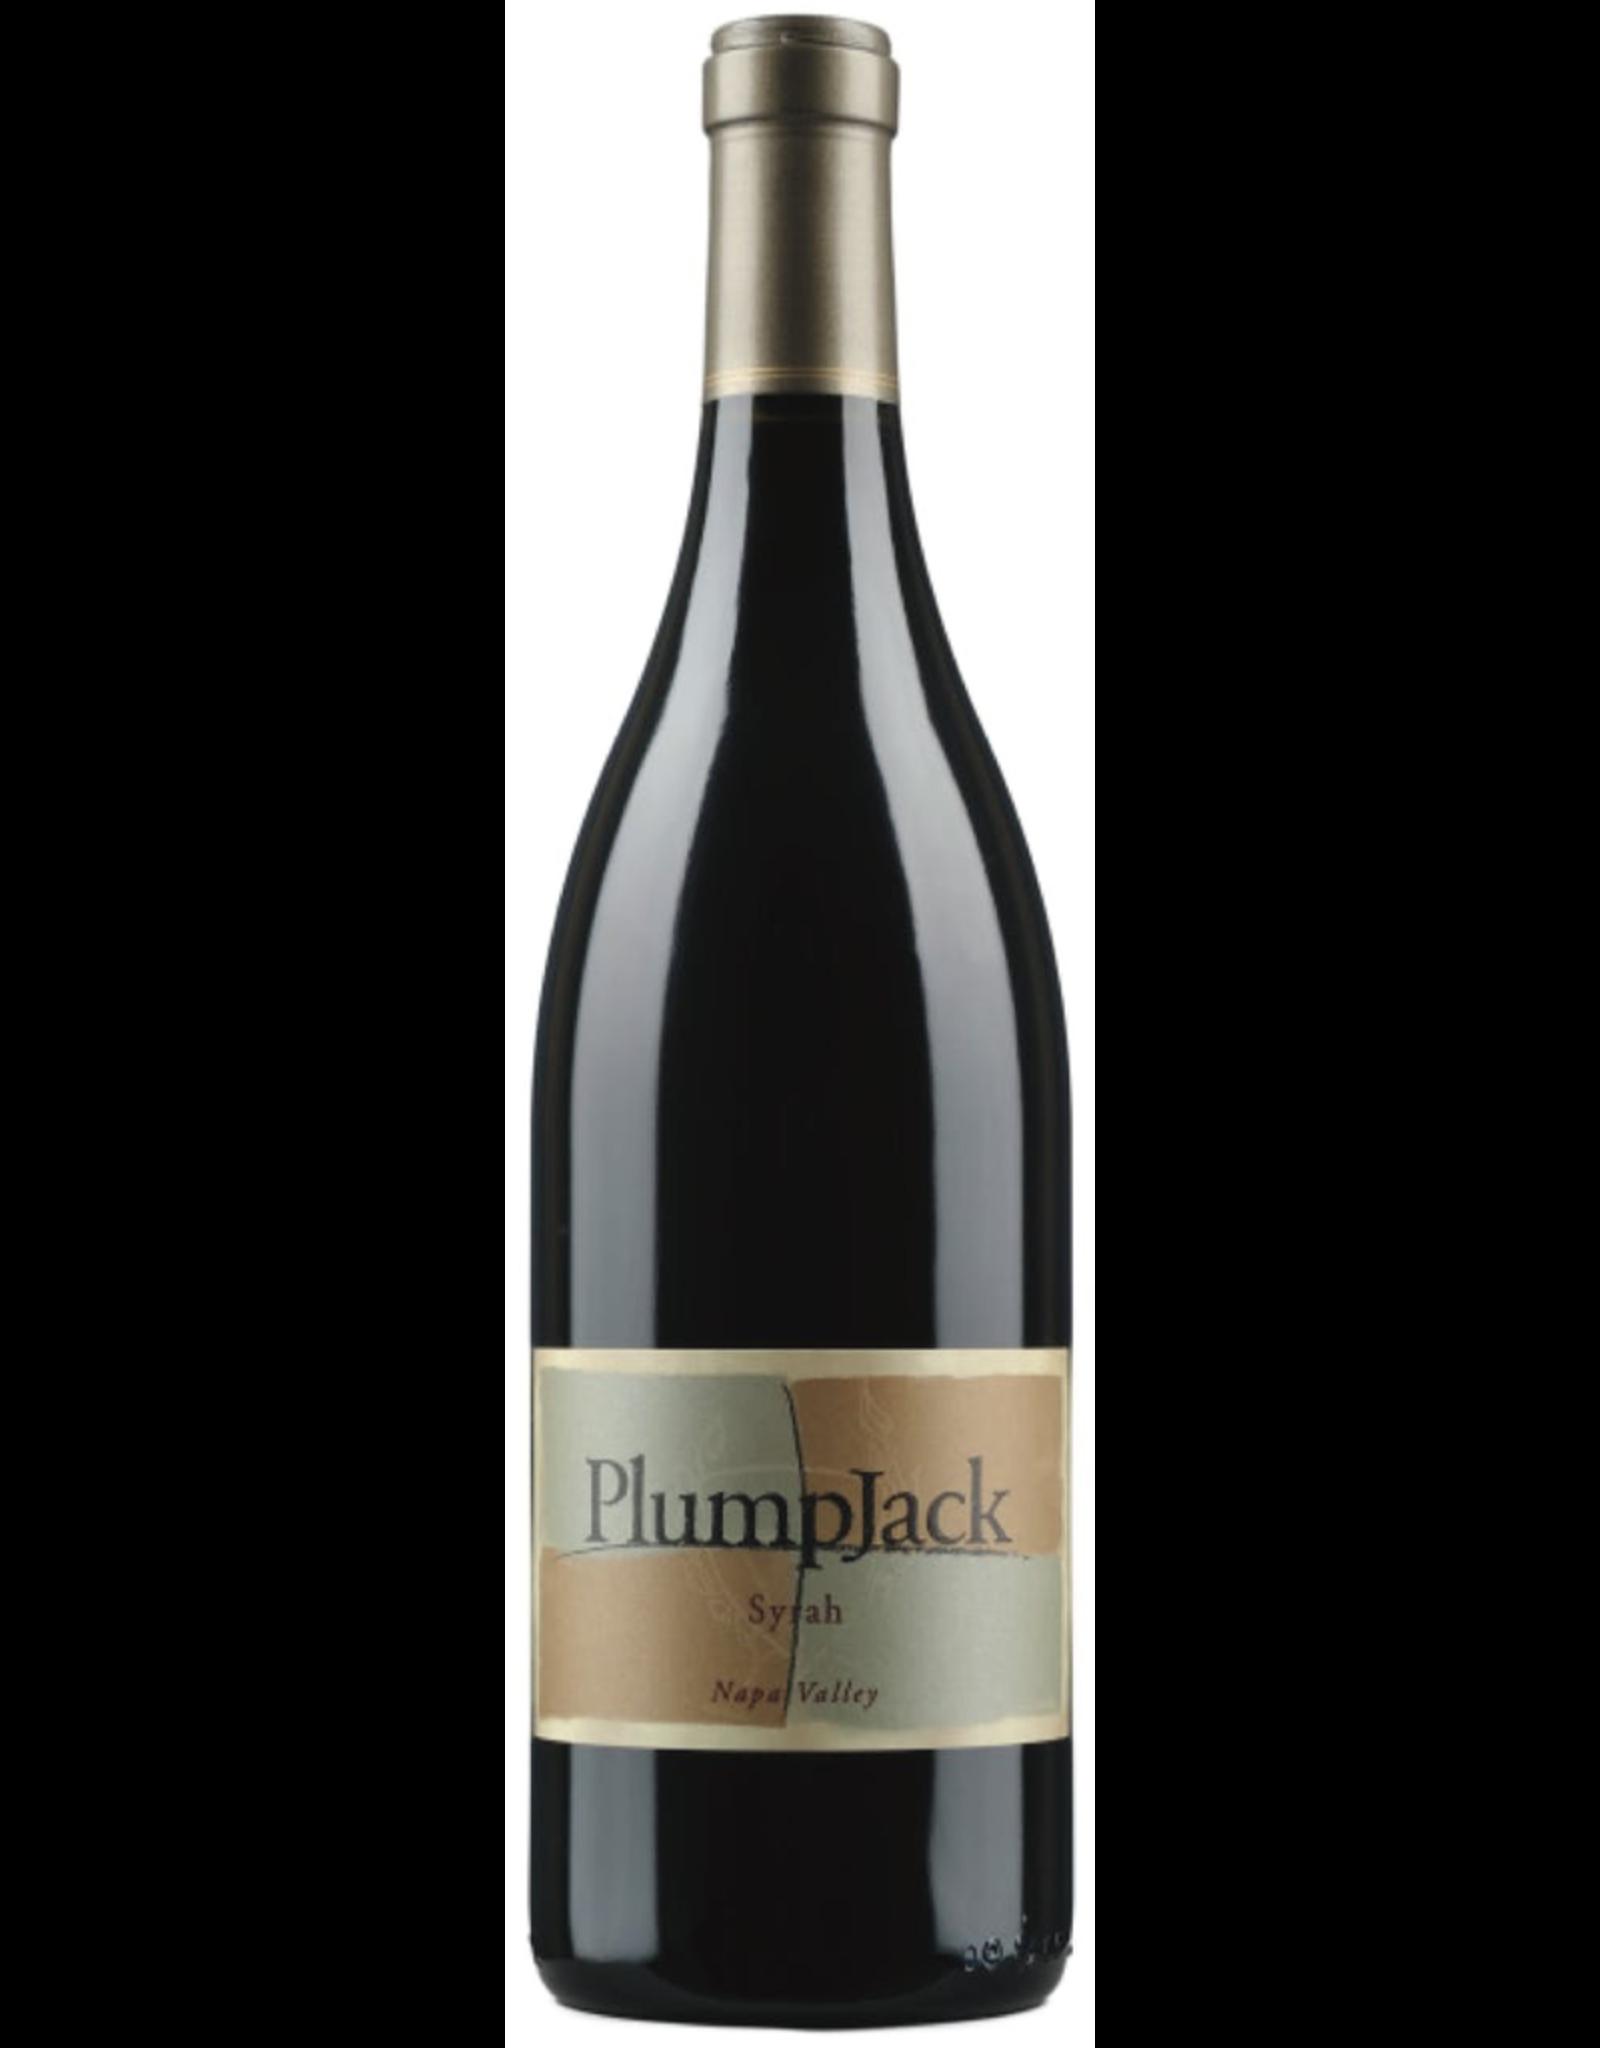 Red Wine 2018, PlumpJack, Syrah, Napa AVA, Napa Valley, California,15.0% Alc, CTnr